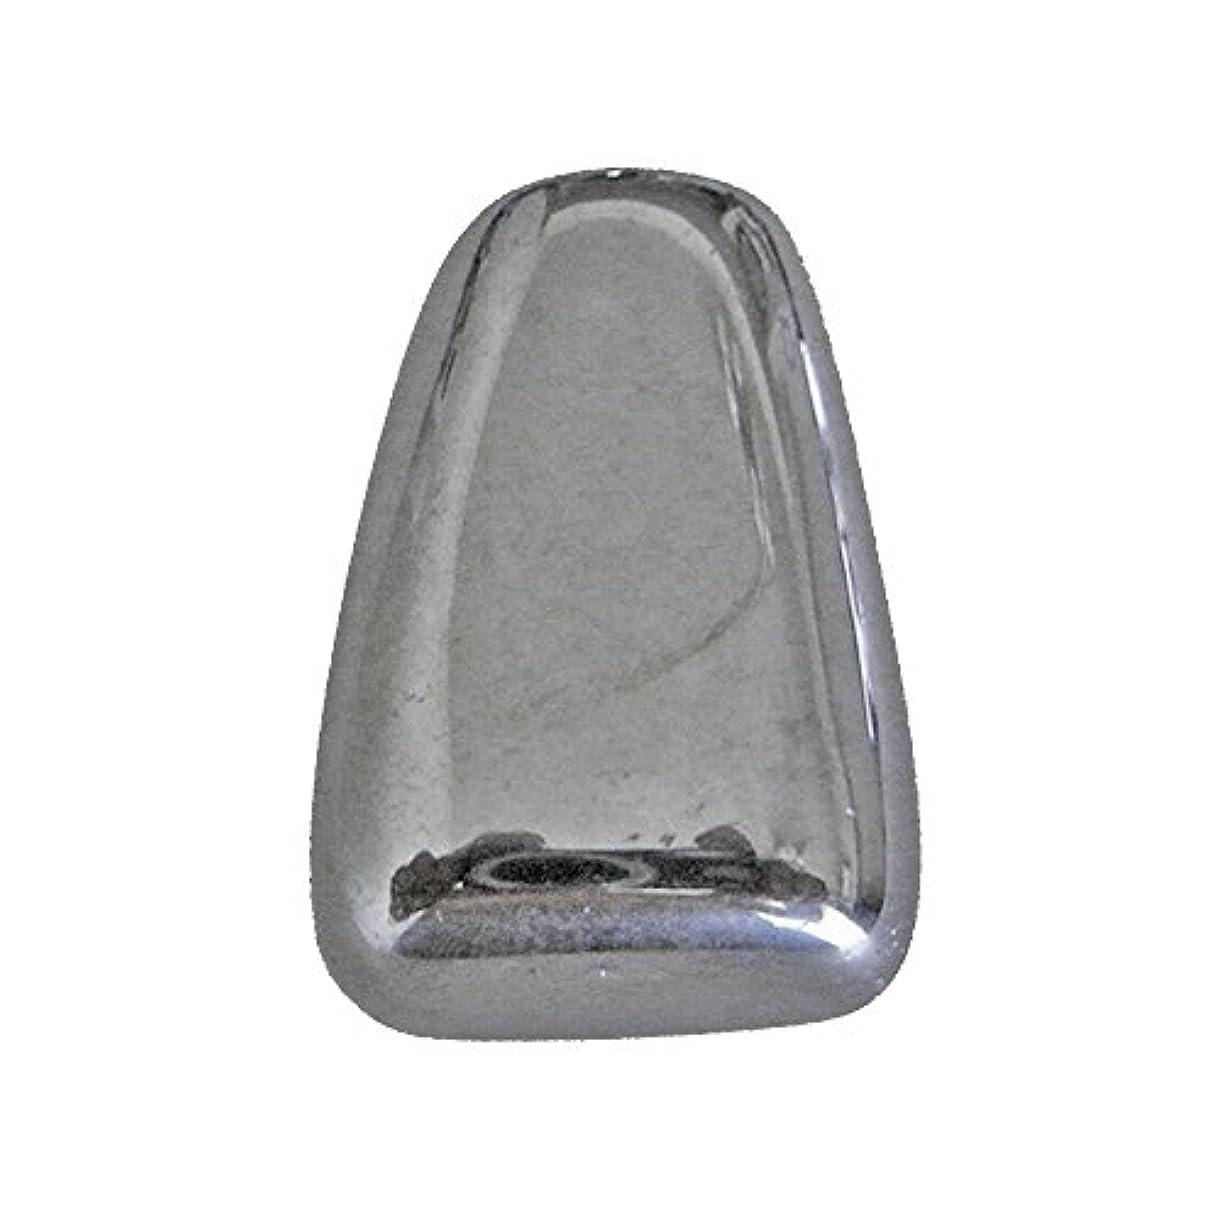 価値和制限Natural Pure ドクターノバリア テラヘルツ ソニックストーン1個用 リフトアップ&小顔対応 50~55g前後本物の証